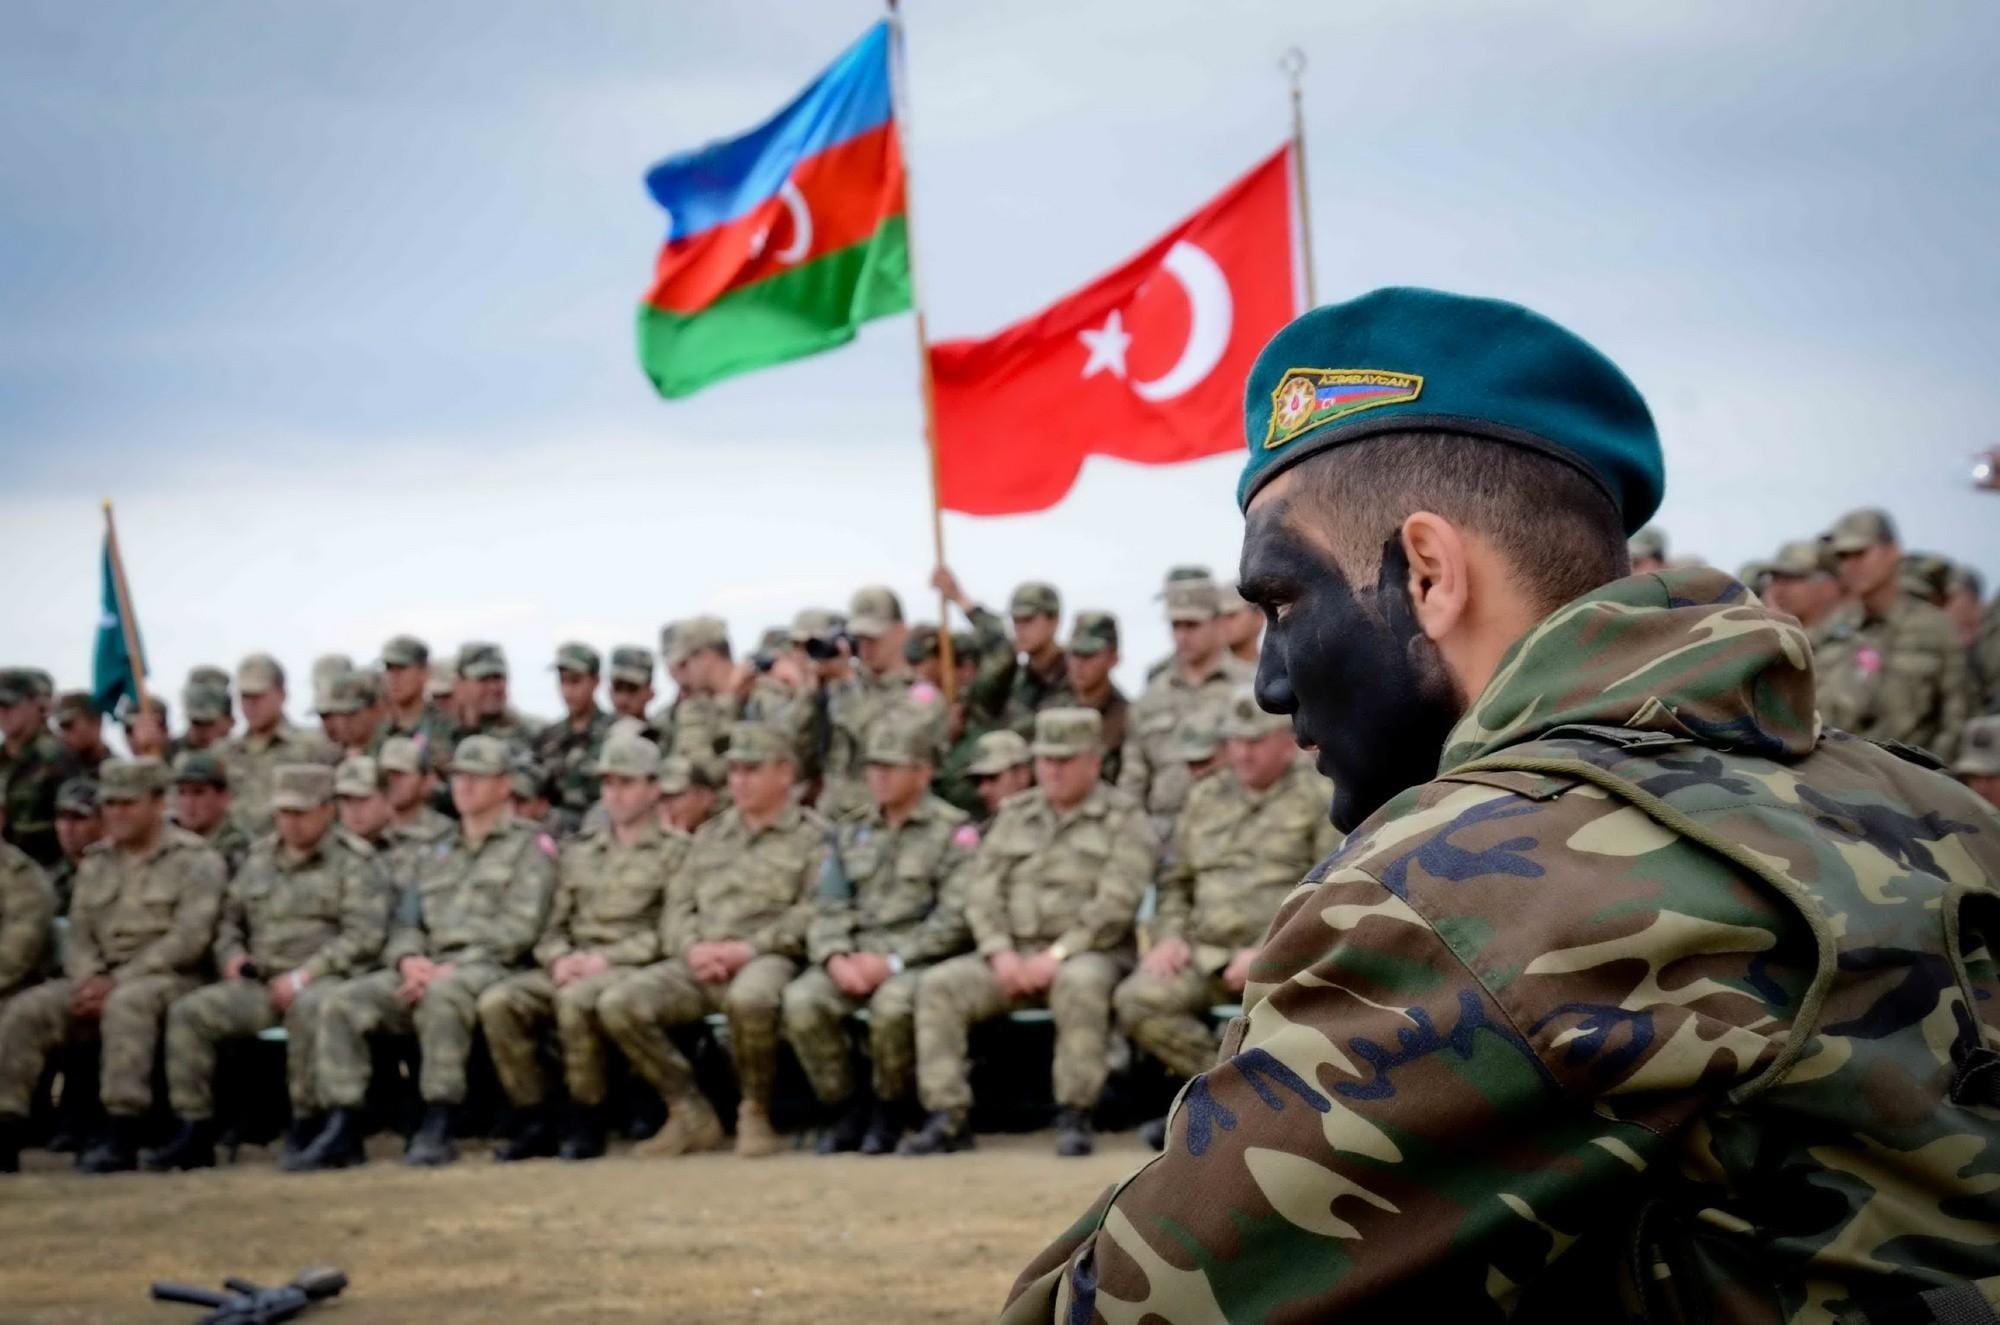 كانت تركيا عرّاب استعادة أذربيحان لإقليم ناغورنو كاراباخ